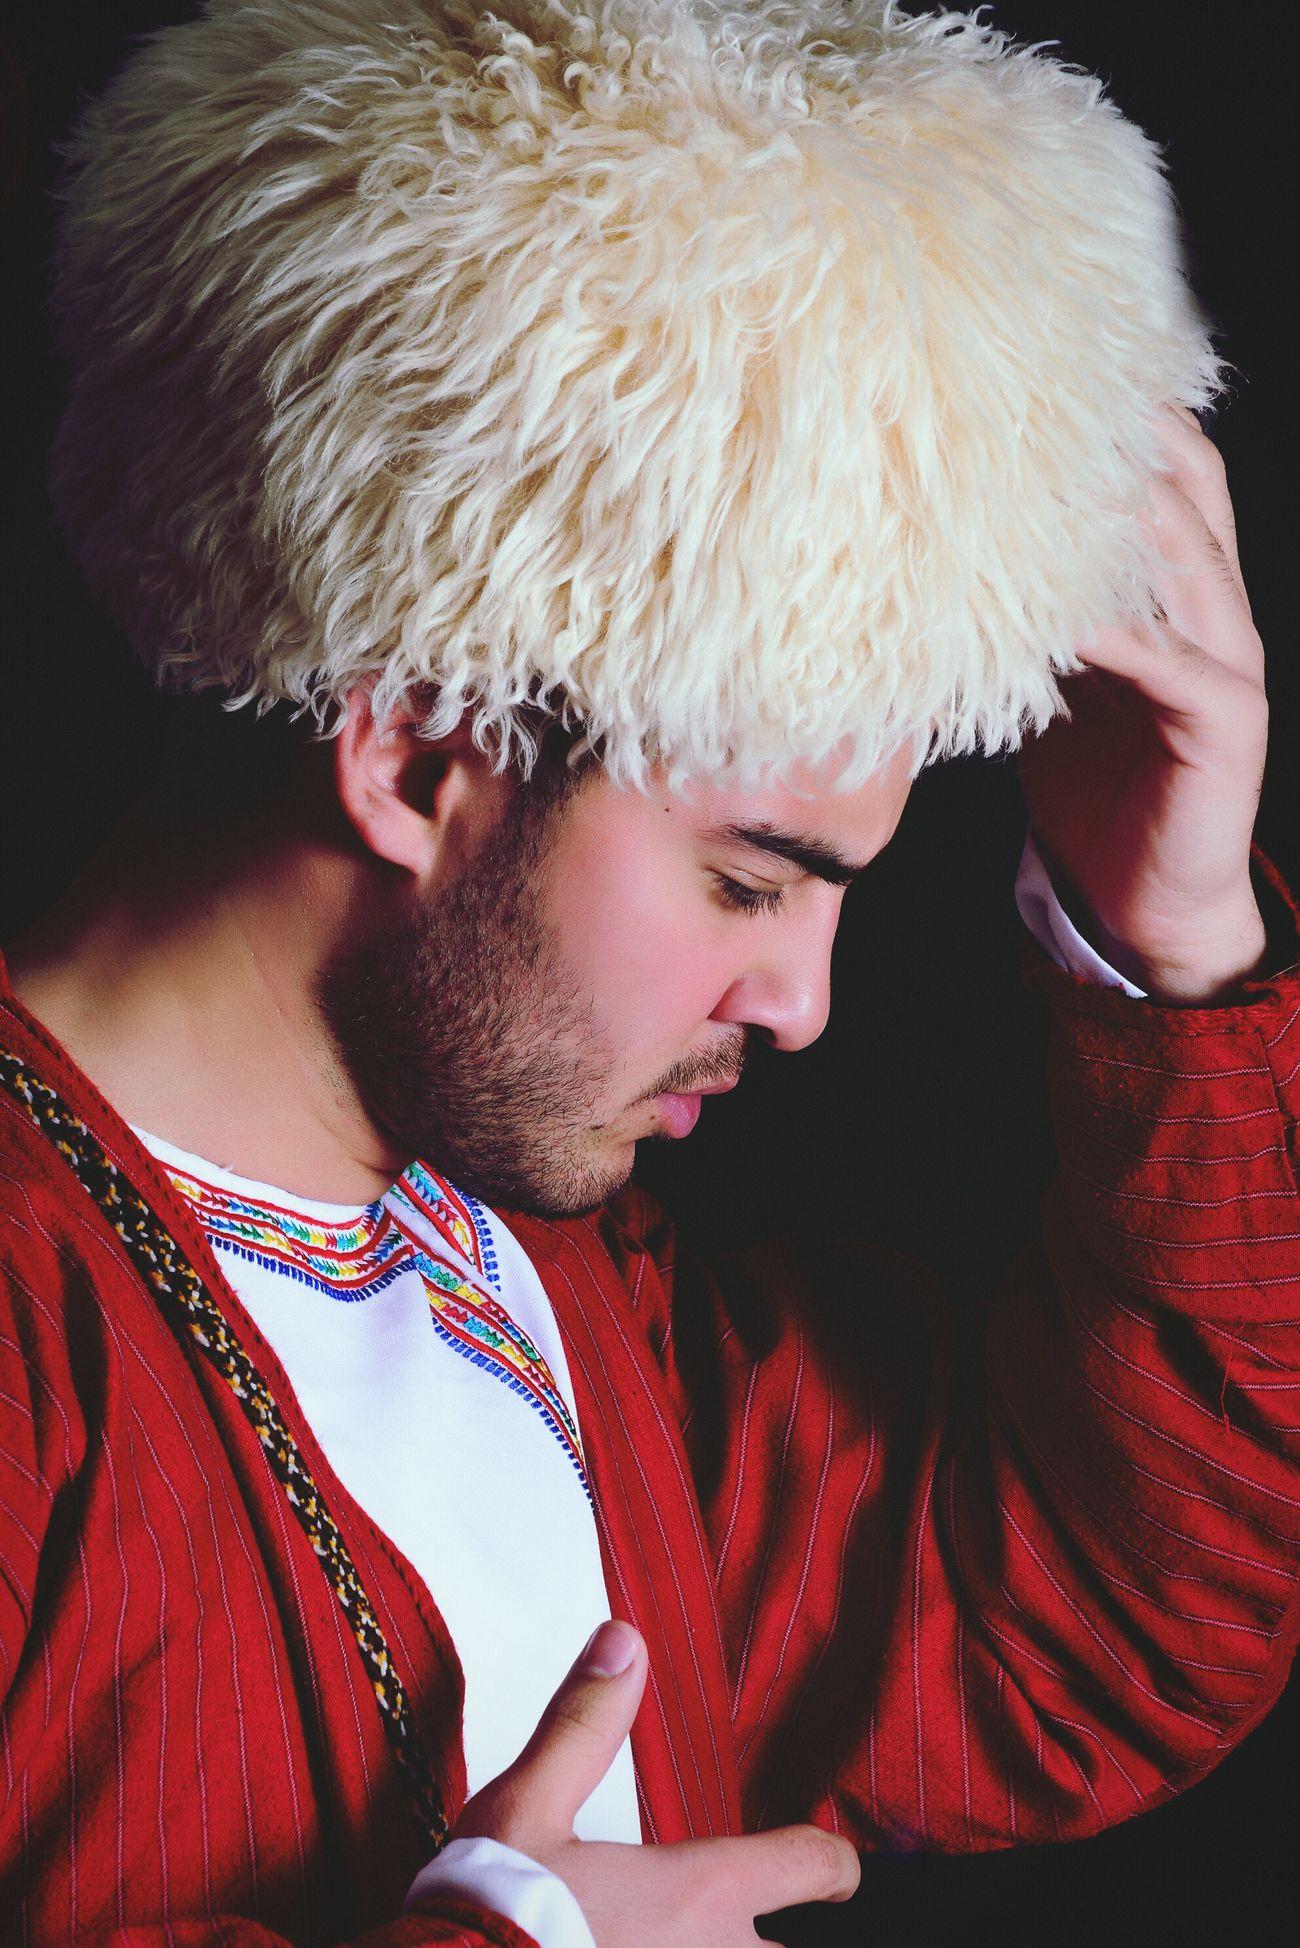 Meeenhan Turkmen Turkmenistan Turkmendress Traditional Model Modelphotography National Dress People Handsome Fashion Model Modern